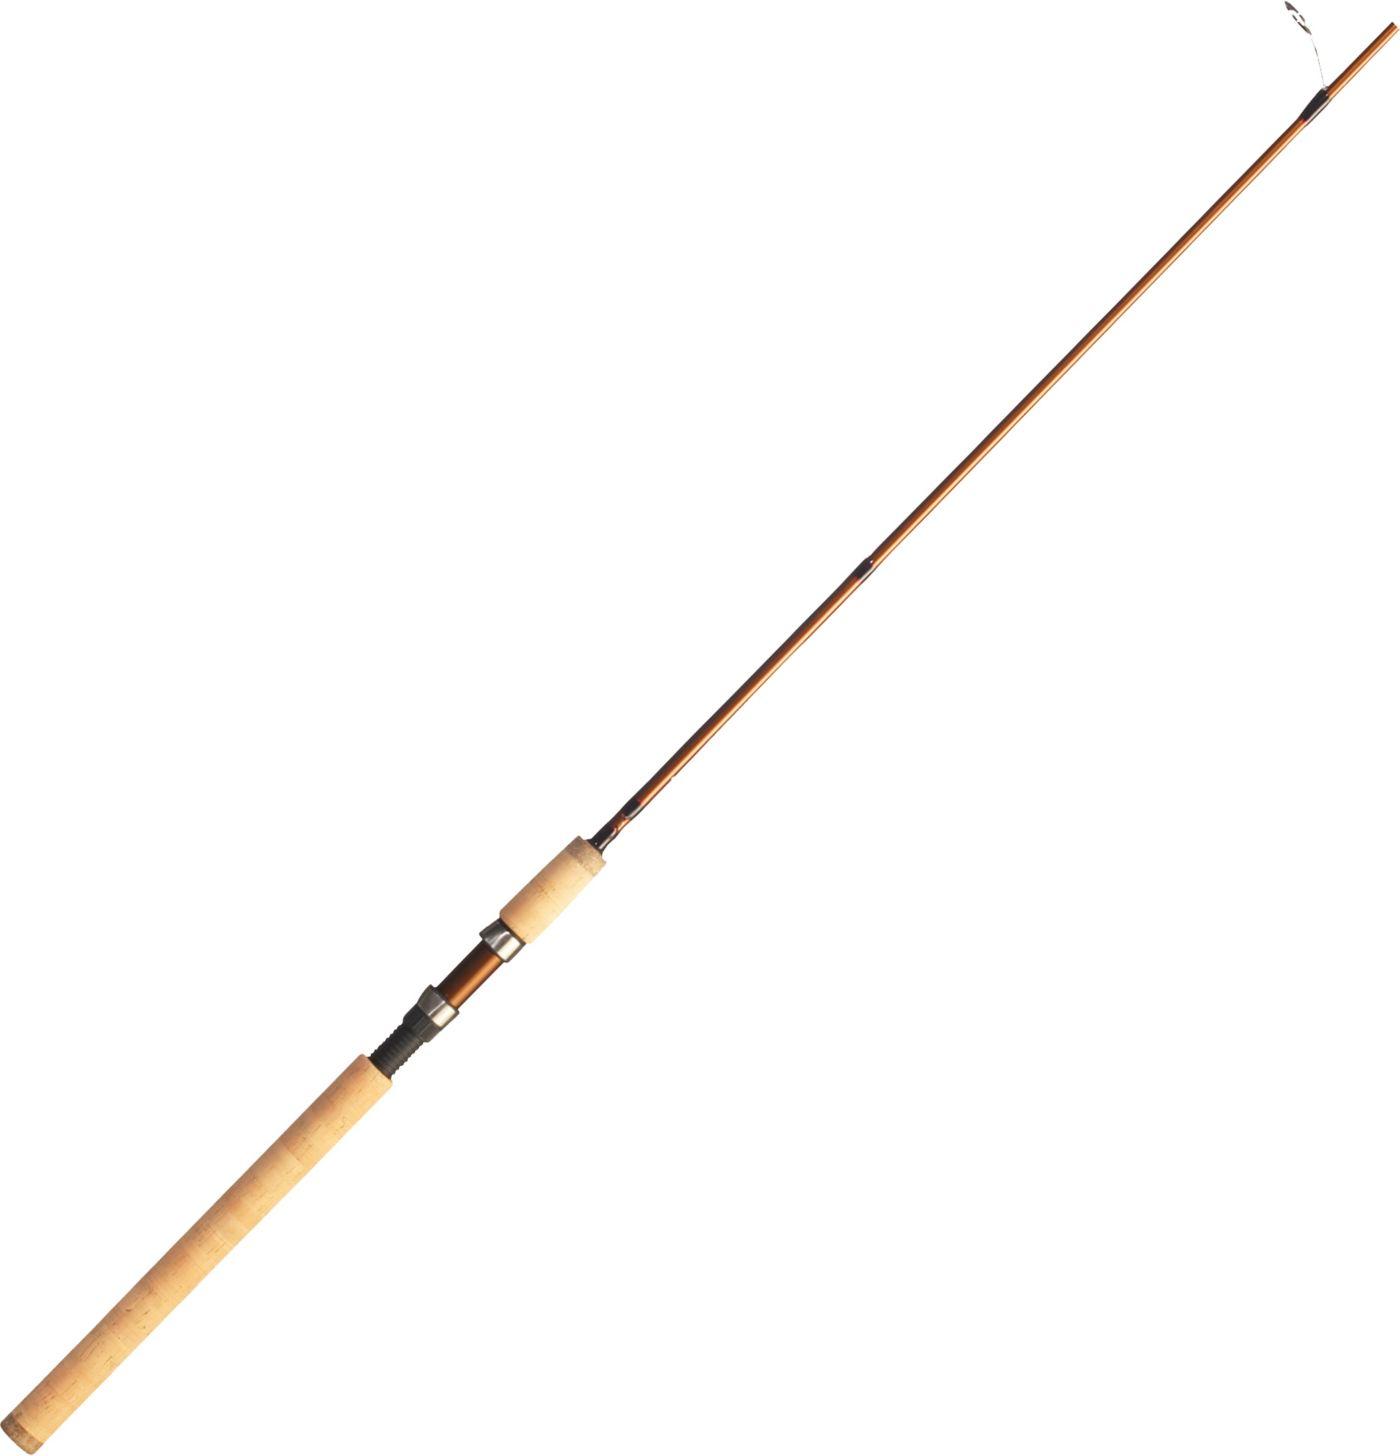 Okuma SST Carbon Grip Spinning Rod